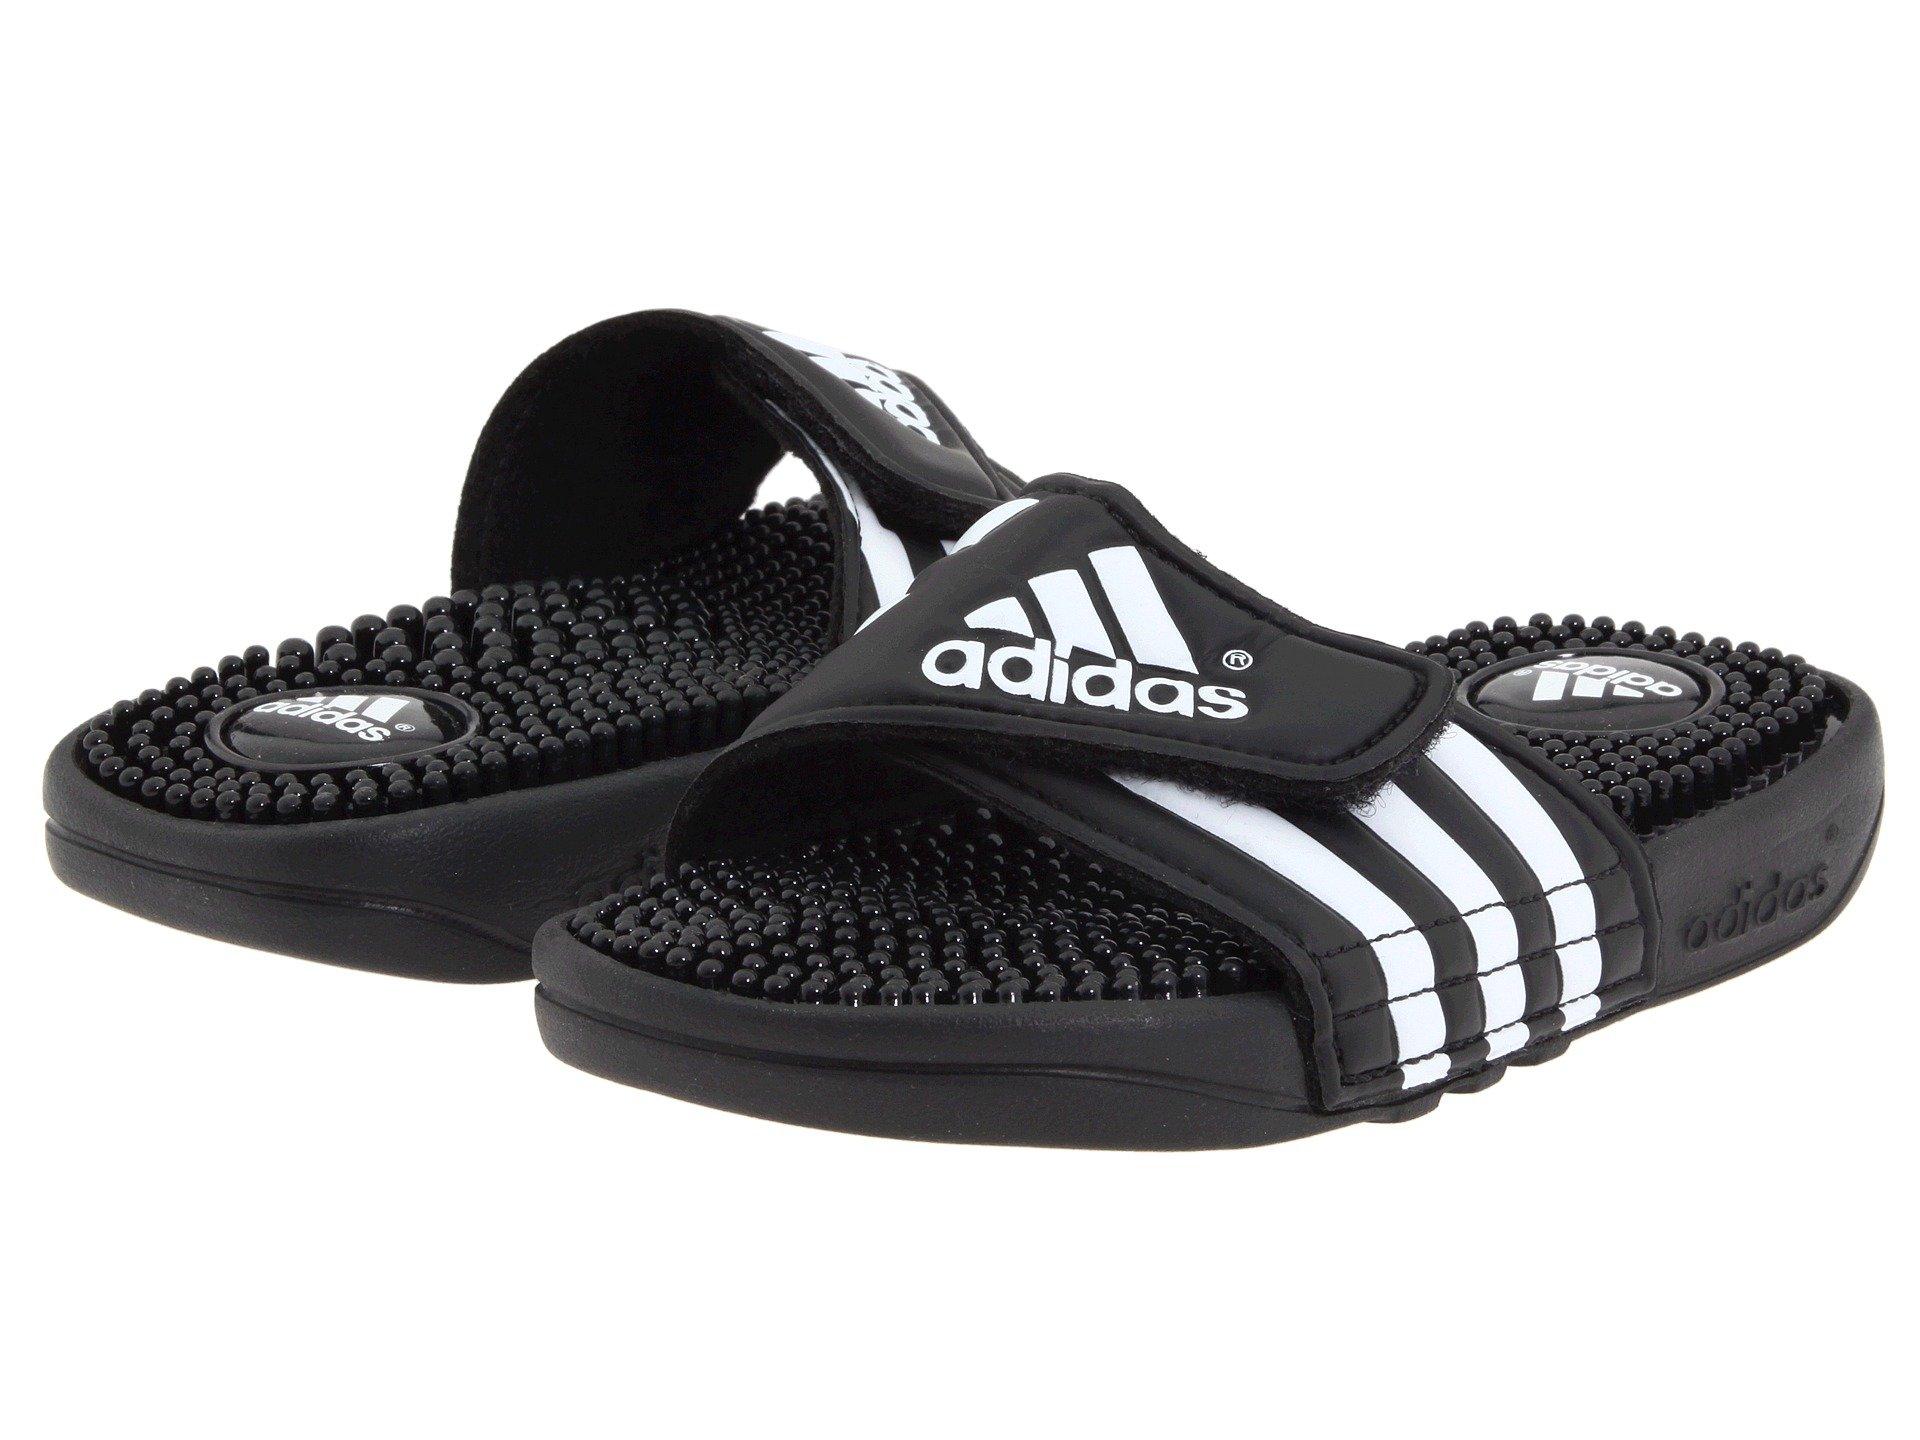 adidas bambini, scarpe, i ragazzi sono liberi di zappos